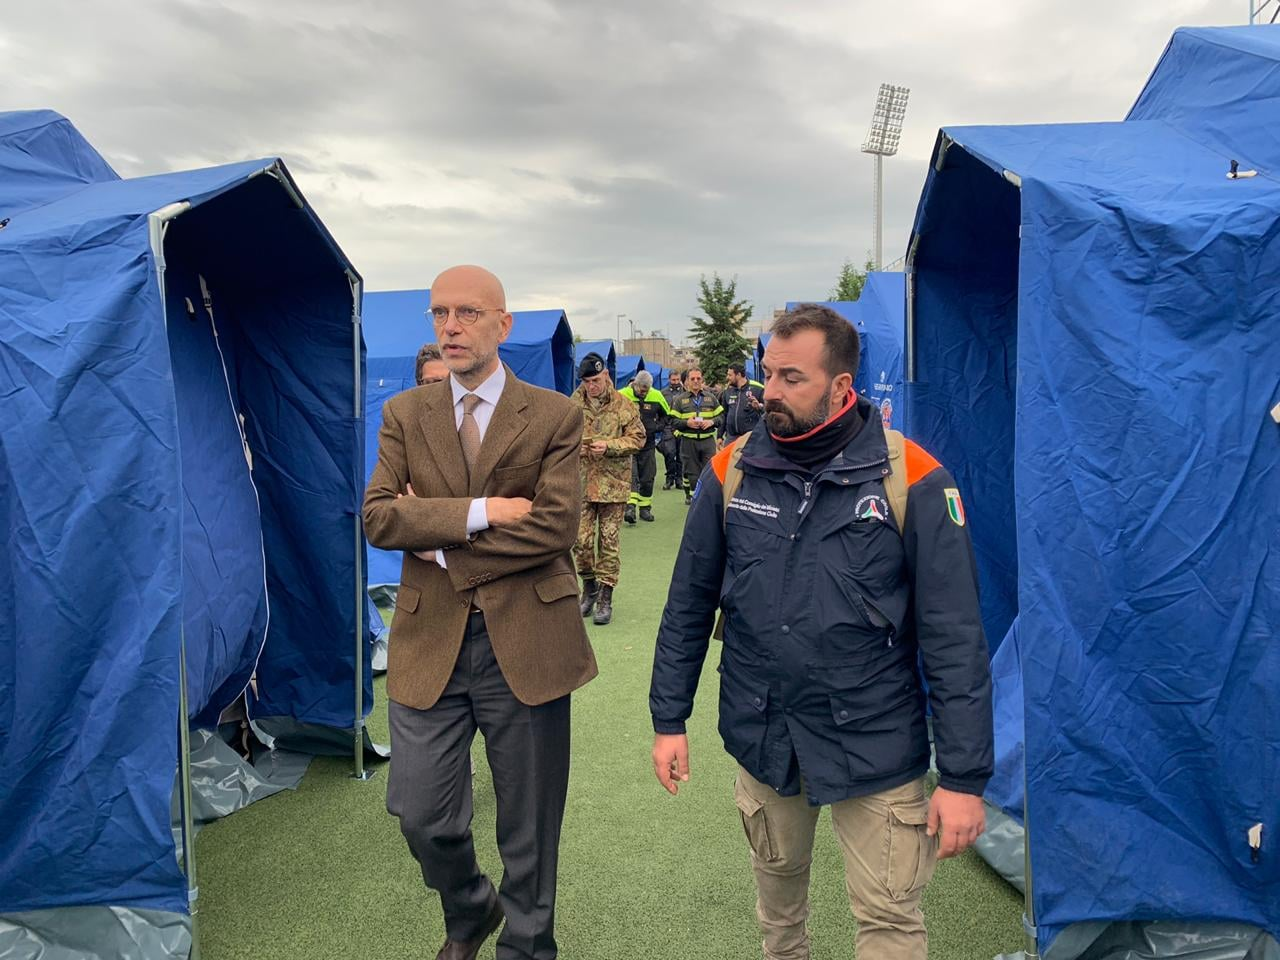 TERREMOTO ALBANIA: L'AMBASCIATORE CUTILLO INCONTRA LA PROTEZIONE CIVILE E I VOLONTARI ITALIANI